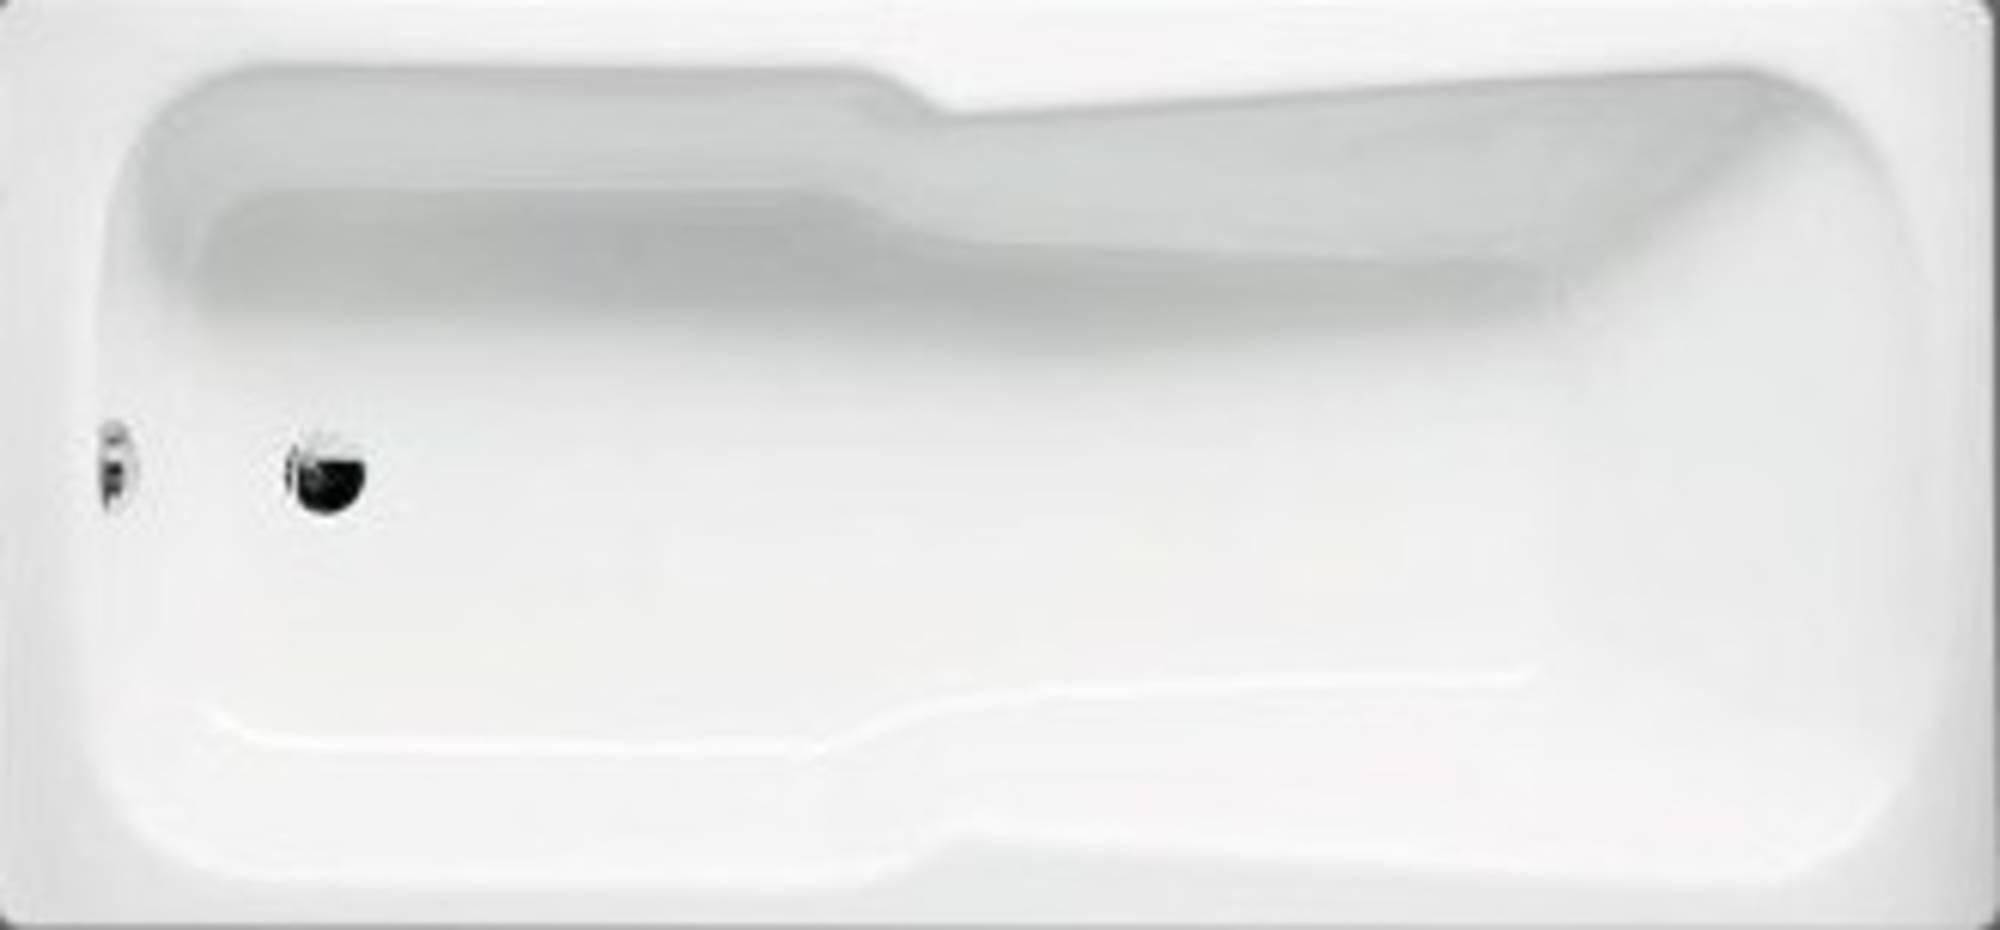 Bette Set plaatstalen bad 160x75x38 cm Wit